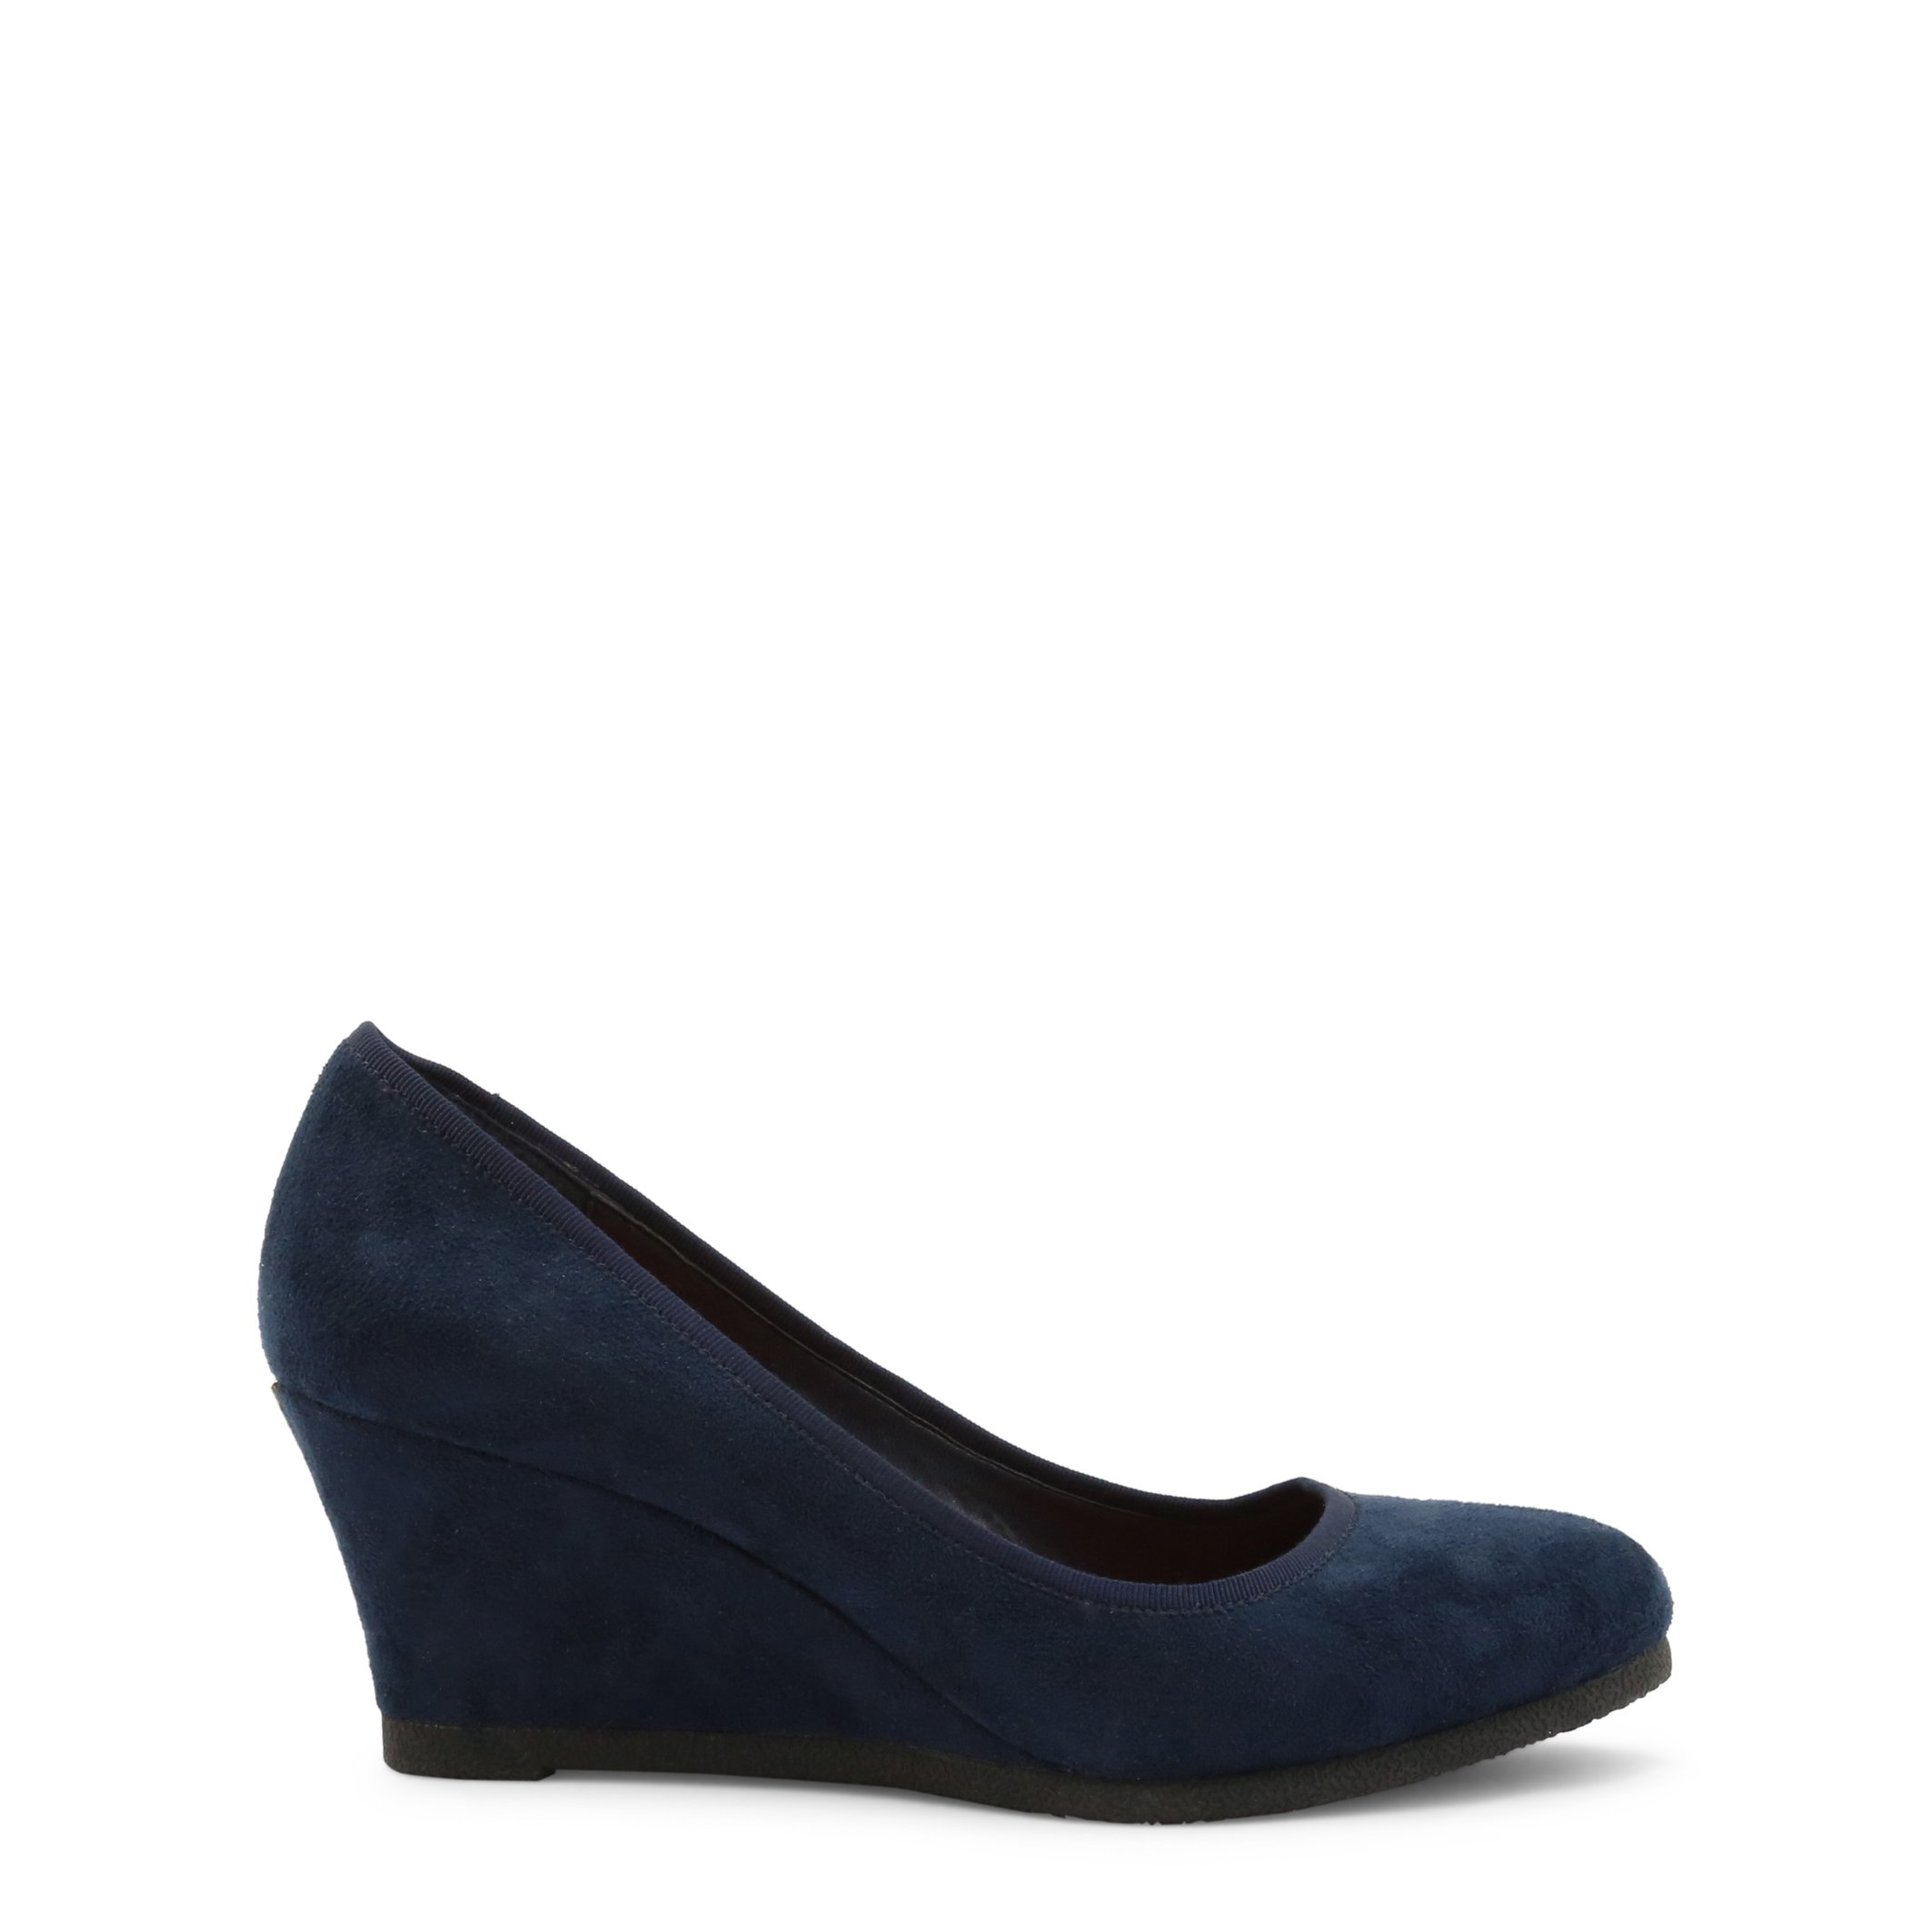 Roccobarocco Women's Wedges Shoe Brown 342946 - blue EU 37